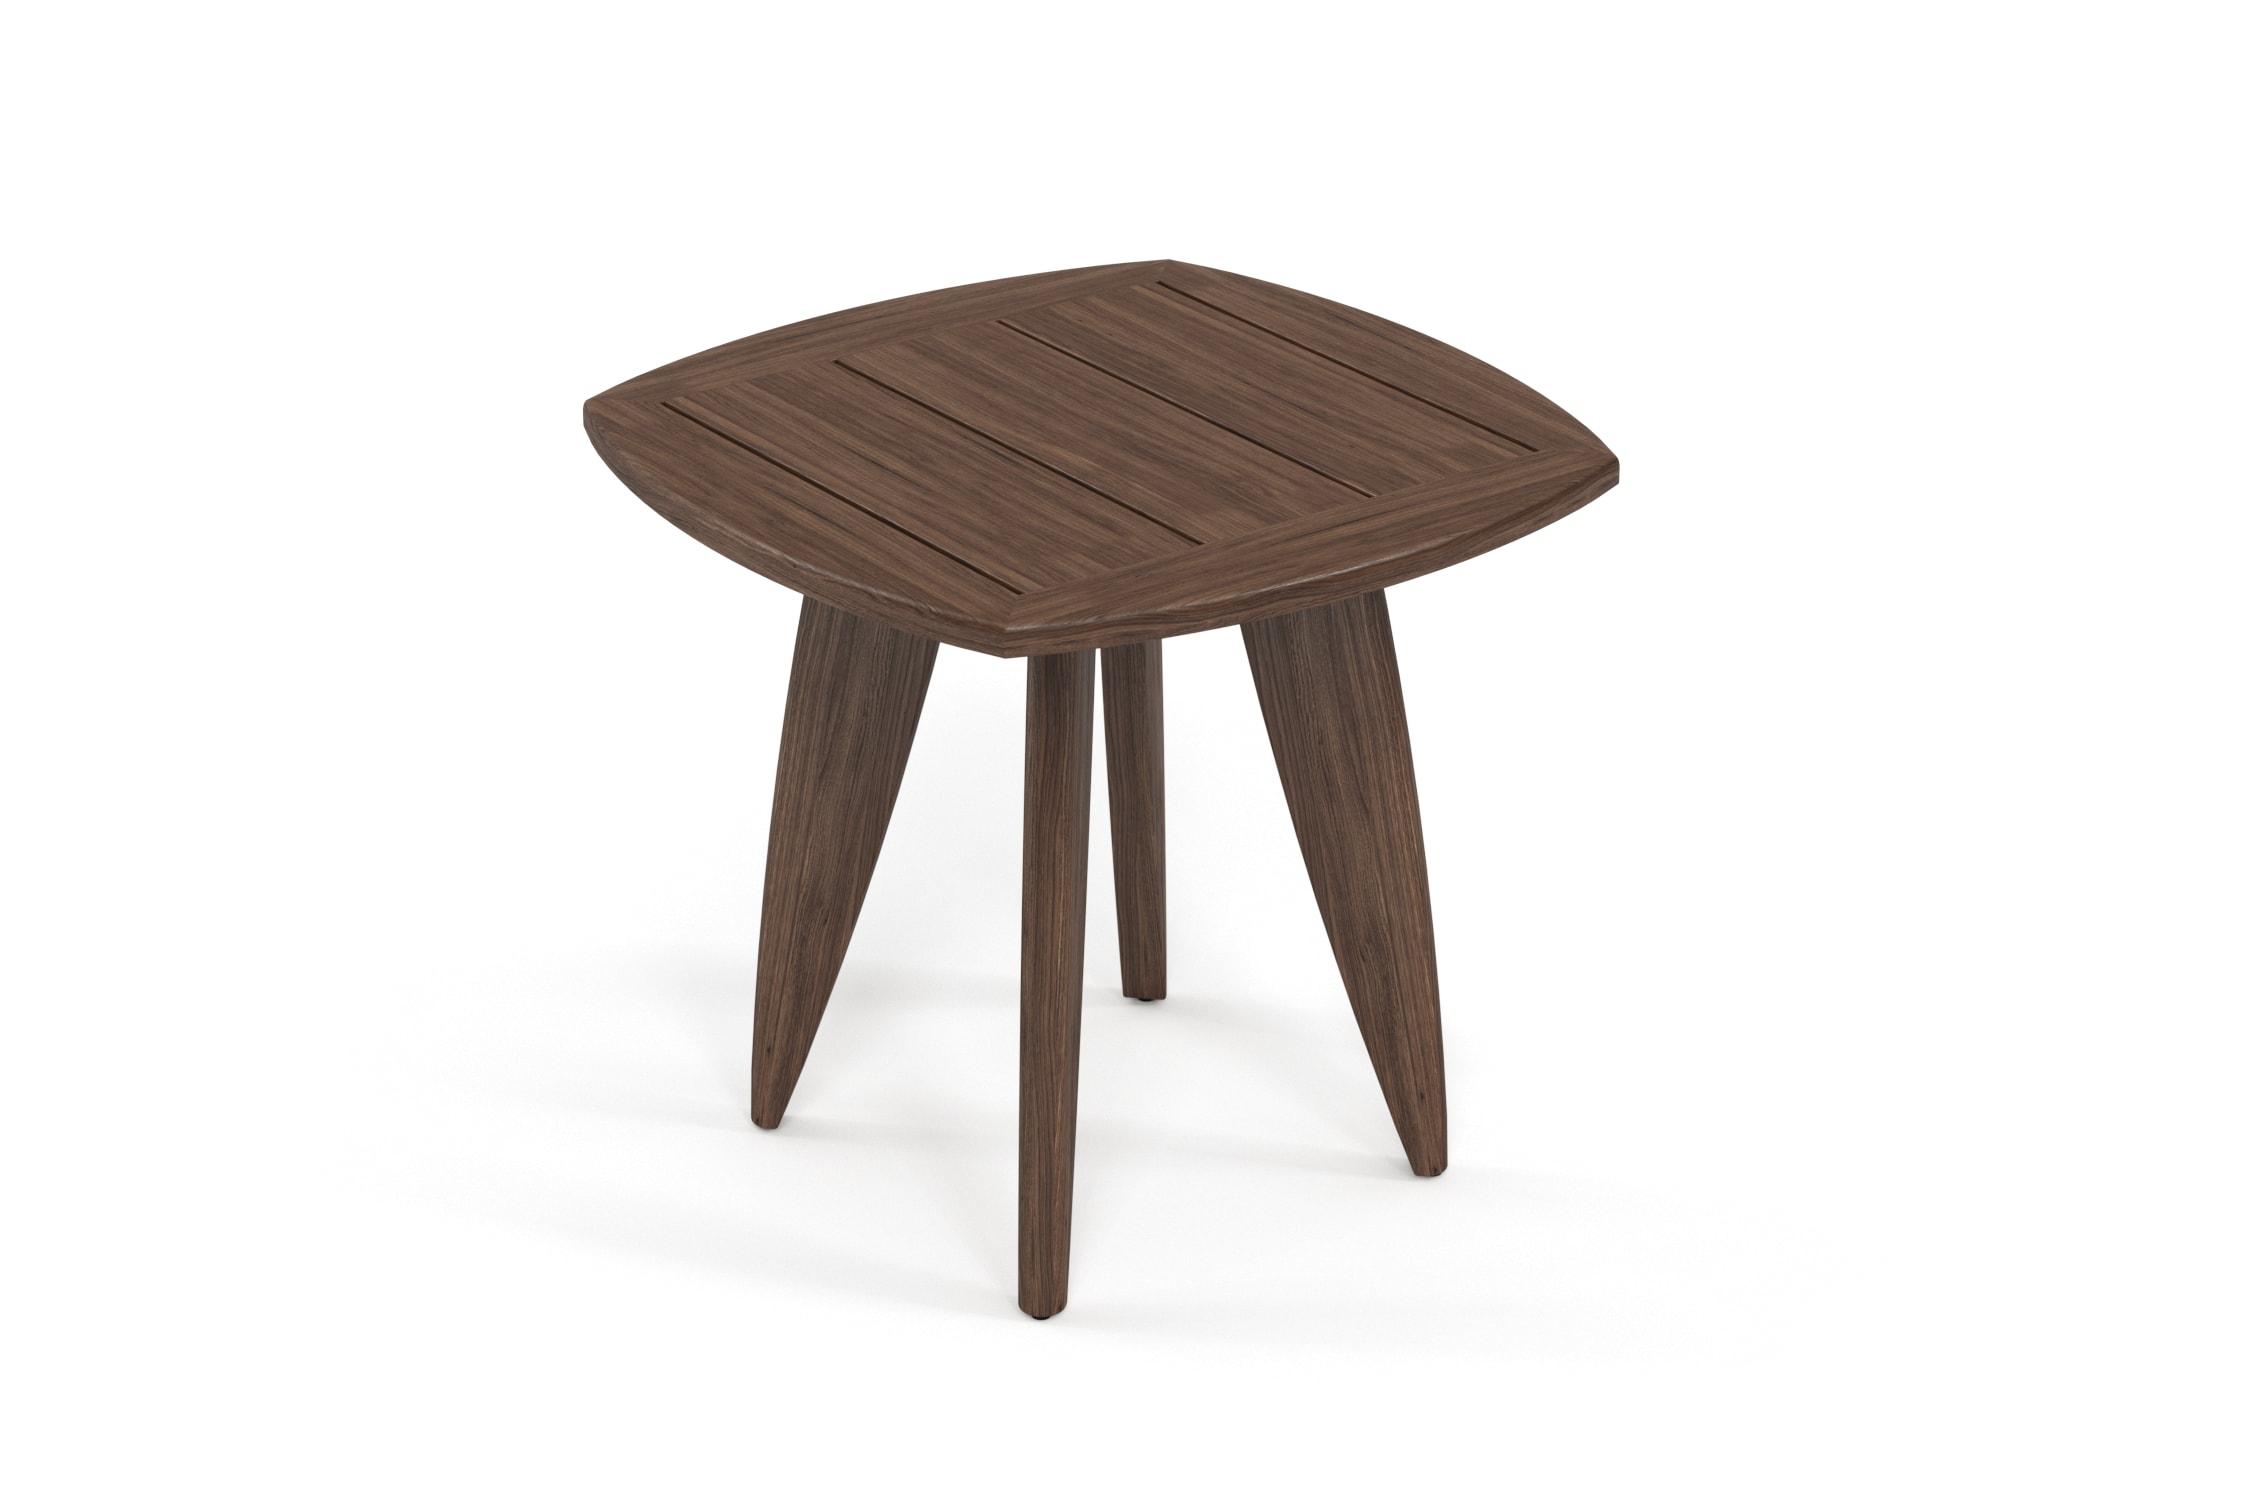 Столик придиванный ReefСтолы и столики для сада<br>&amp;lt;div&amp;gt;Коллекция REEF - уникальный дизайн, сочетающий в себе надежность, теплоту дерева и продуманность форм. Мягкие удобные подушки, выполненные в контрастной цветовой гамме, сразу привлекают внимание к уютному уголку отдыха. Коллекция универсальна: предназначена для уединения отдыха в тенистой зелени сада, неспешных обедов во внутреннем дворике или досуга у воды.&amp;amp;nbsp;&amp;lt;/div&amp;gt;&amp;lt;div&amp;gt;&amp;lt;br&amp;gt;&amp;lt;/div&amp;gt;&amp;lt;div&amp;gt;Термоясень (ясень термообработанный) обладает высокими эксплуатационными характеристиками. Имеет ярко выраженную красивую текстуру и благородный аромат. Это исключительно долговечный, недеформируемый под воздействием атмосферных явлений и экологически чистый материал. В результате термообработки – длительного переменного воздействия пара и высоких температур – в структуре древесины происходят изменения на молекулярном уровне, и ясень приобретает наиболее важные для уличной мебели свойства – водостойкость, стабильность размеров, абсолютную устойчивость к биологическим поражениям. Срок службы – 10-15 лет.&amp;lt;/div&amp;gt;&amp;lt;div&amp;gt;&amp;lt;br&amp;gt;&amp;lt;/div&amp;gt;&amp;lt;div&amp;gt;&amp;lt;br&amp;gt;&amp;lt;/div&amp;gt;&amp;lt;div&amp;gt;Вся фурнитура изготовлена из нержавеющей стали на собственном производстве.&amp;amp;nbsp;&amp;lt;/div&amp;gt;&amp;lt;div&amp;gt;&amp;lt;br&amp;gt;&amp;lt;/div&amp;gt;<br><br>&amp;lt;iframe width=&amp;quot;530&amp;quot; height=&amp;quot;300&amp;quot; src=&amp;quot;https://www.youtube.com/embed/uL9Kujh07kc&amp;quot; frameborder=&amp;quot;0&amp;quot; allowfullscreen=&amp;quot;&amp;quot;&amp;gt;&amp;lt;/iframe&amp;gt;<br><br>Material: Ясень<br>Ширина см: 53<br>Высота см: 51<br>Глубина см: 53